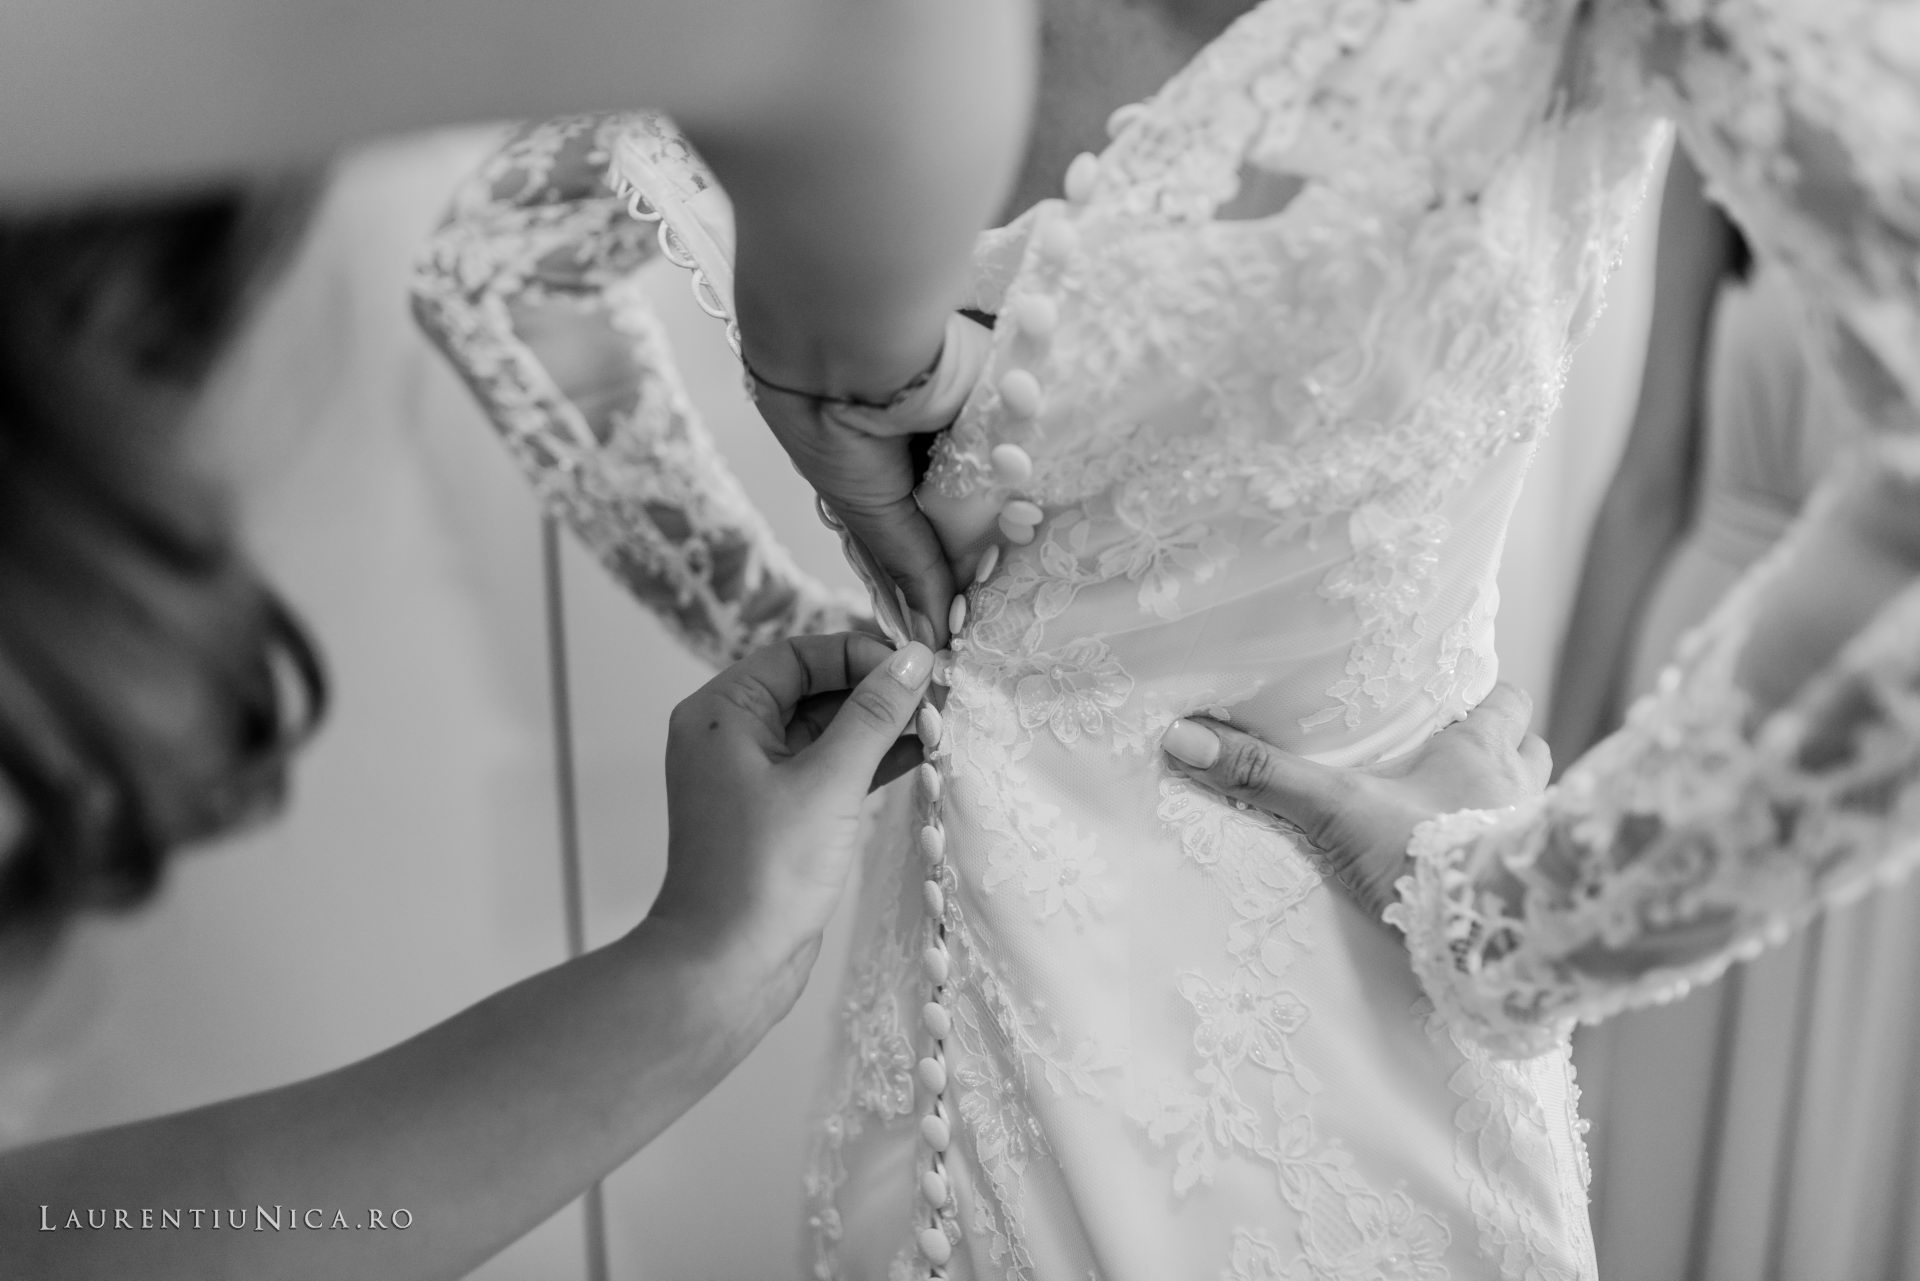 Cristina si Ovidiu nunta Craiova fotograf laurentiu nica 070 - Cristina & Ovidiu | Fotografii nunta | Craiova